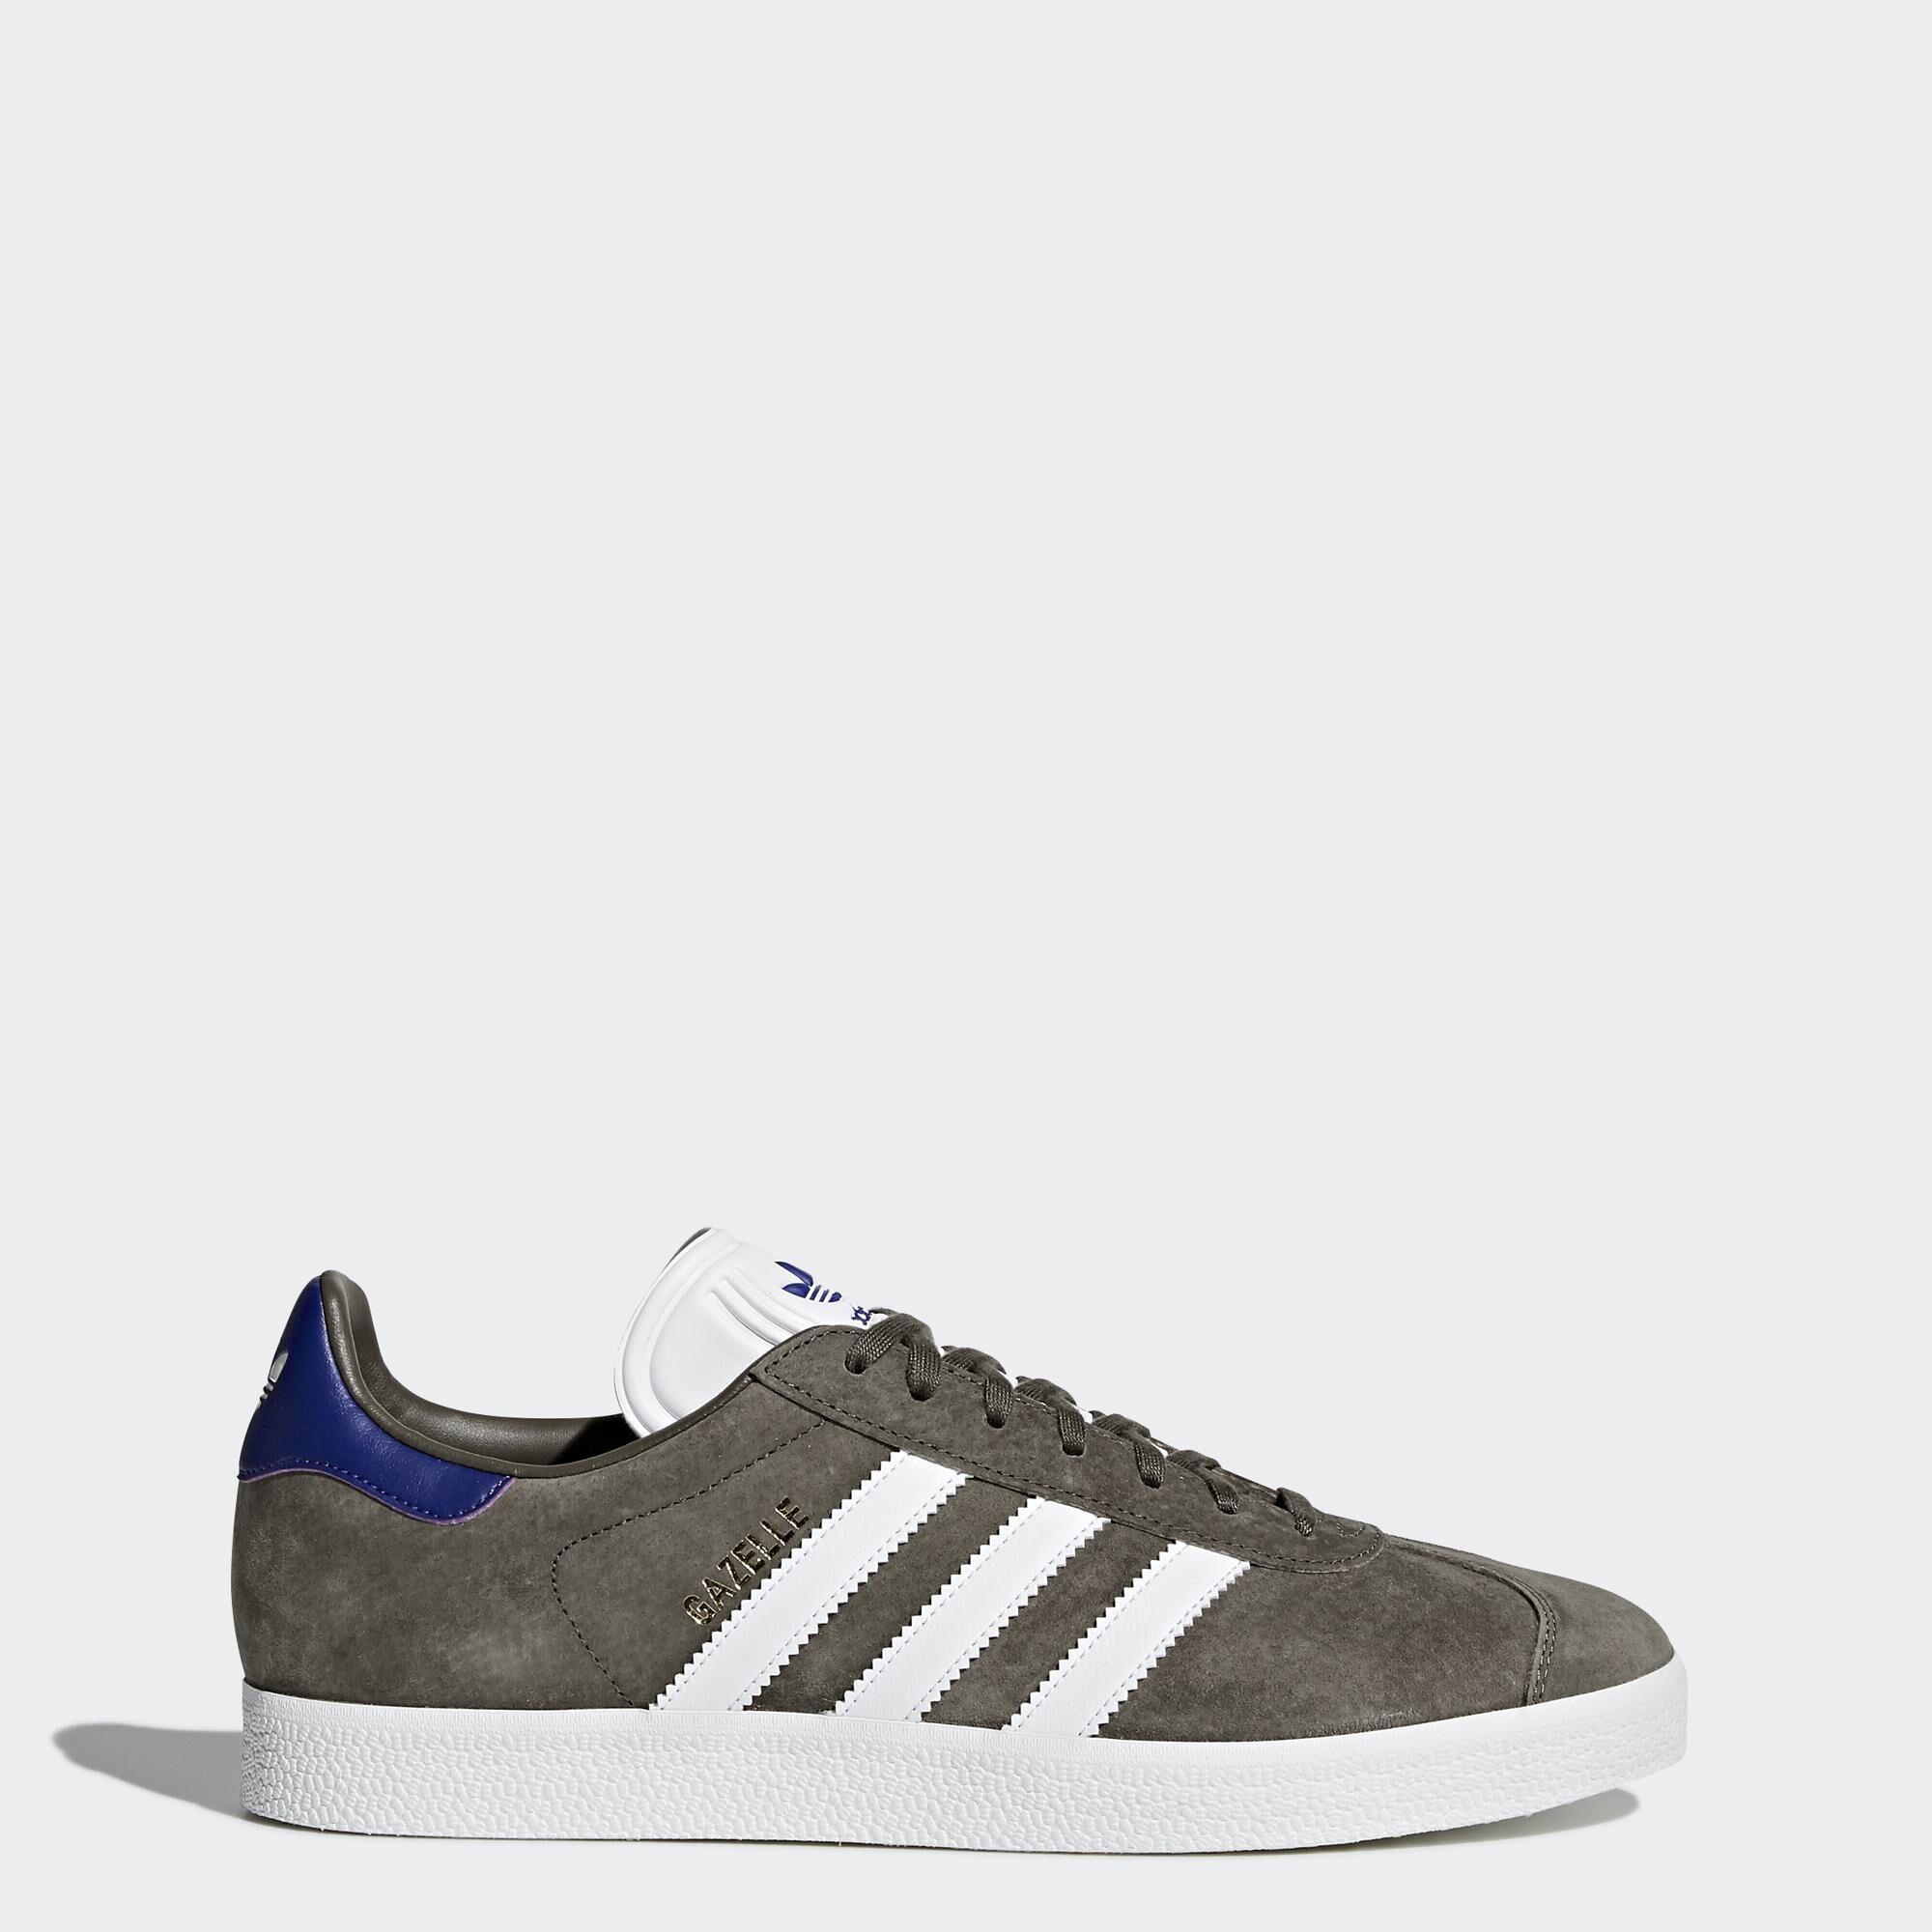 Adidas Originals GAZELLE Adidas Originals 2018